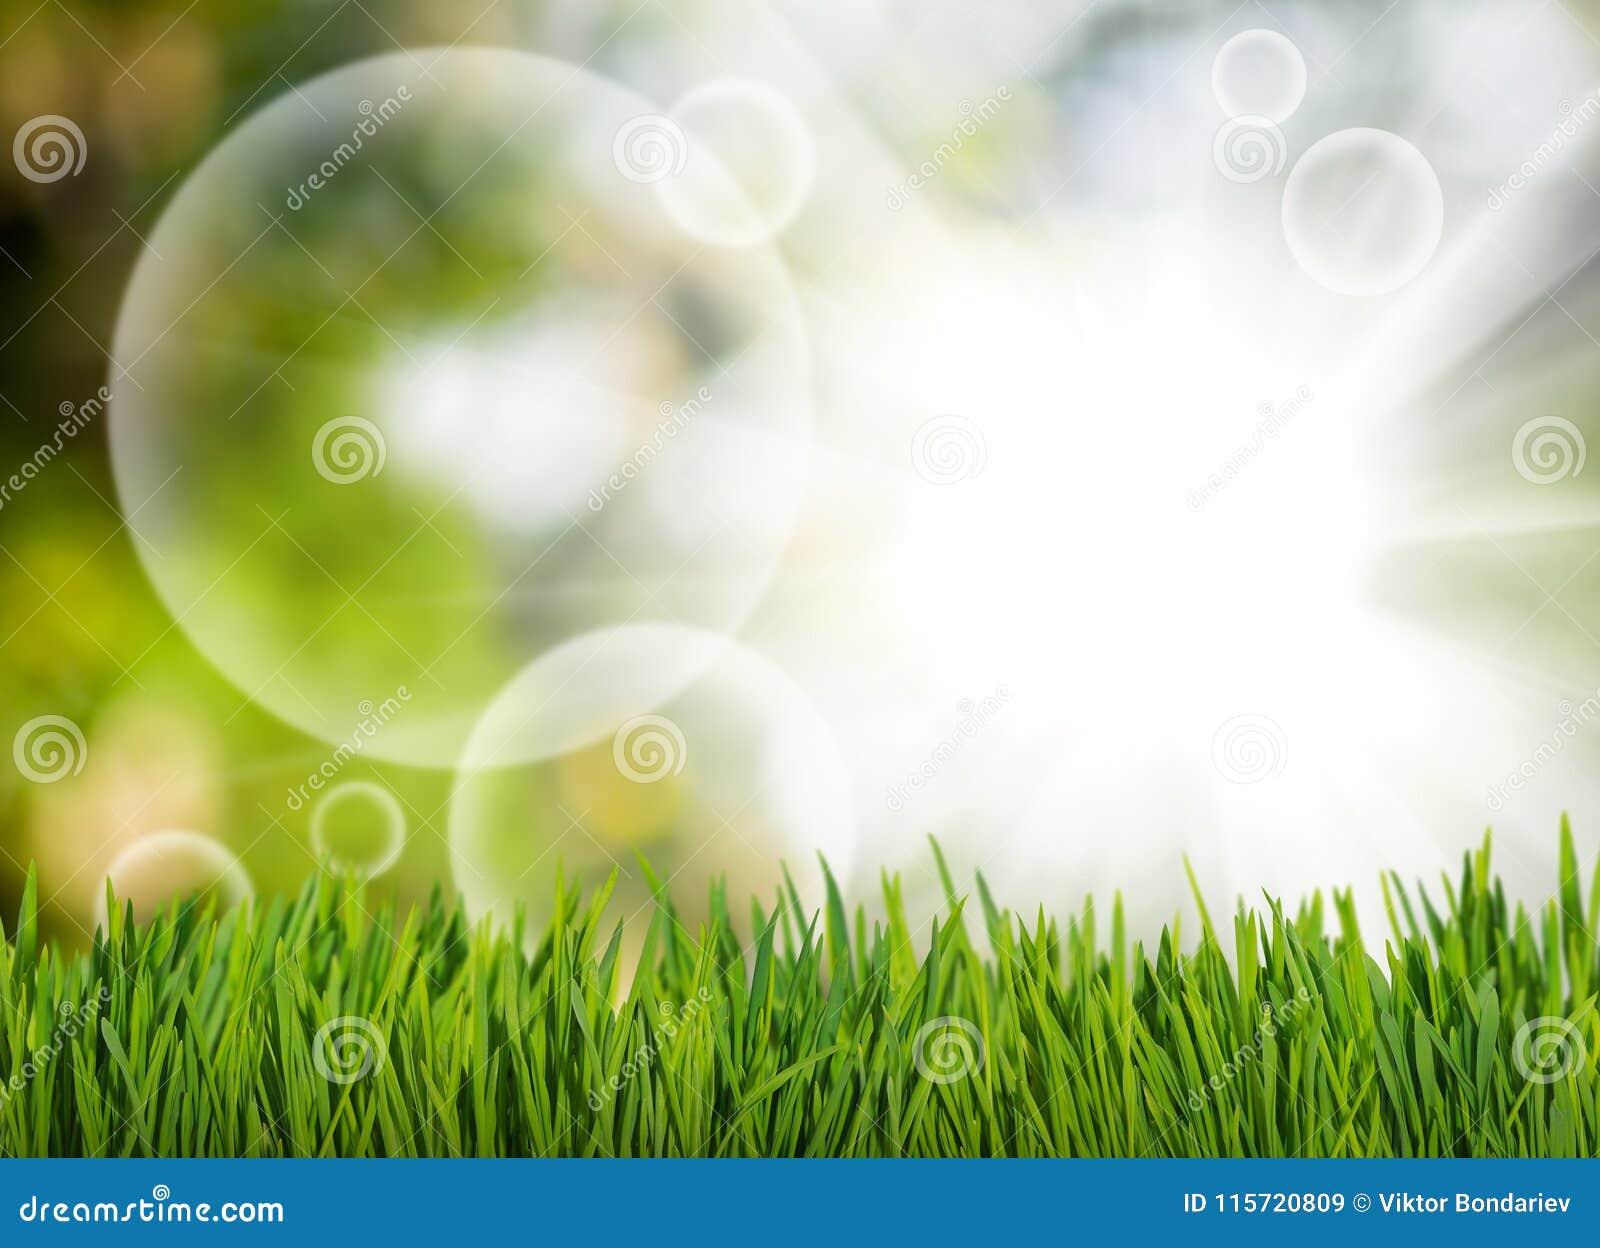 草和抽象泡影在绿色的庭院弄脏了背景